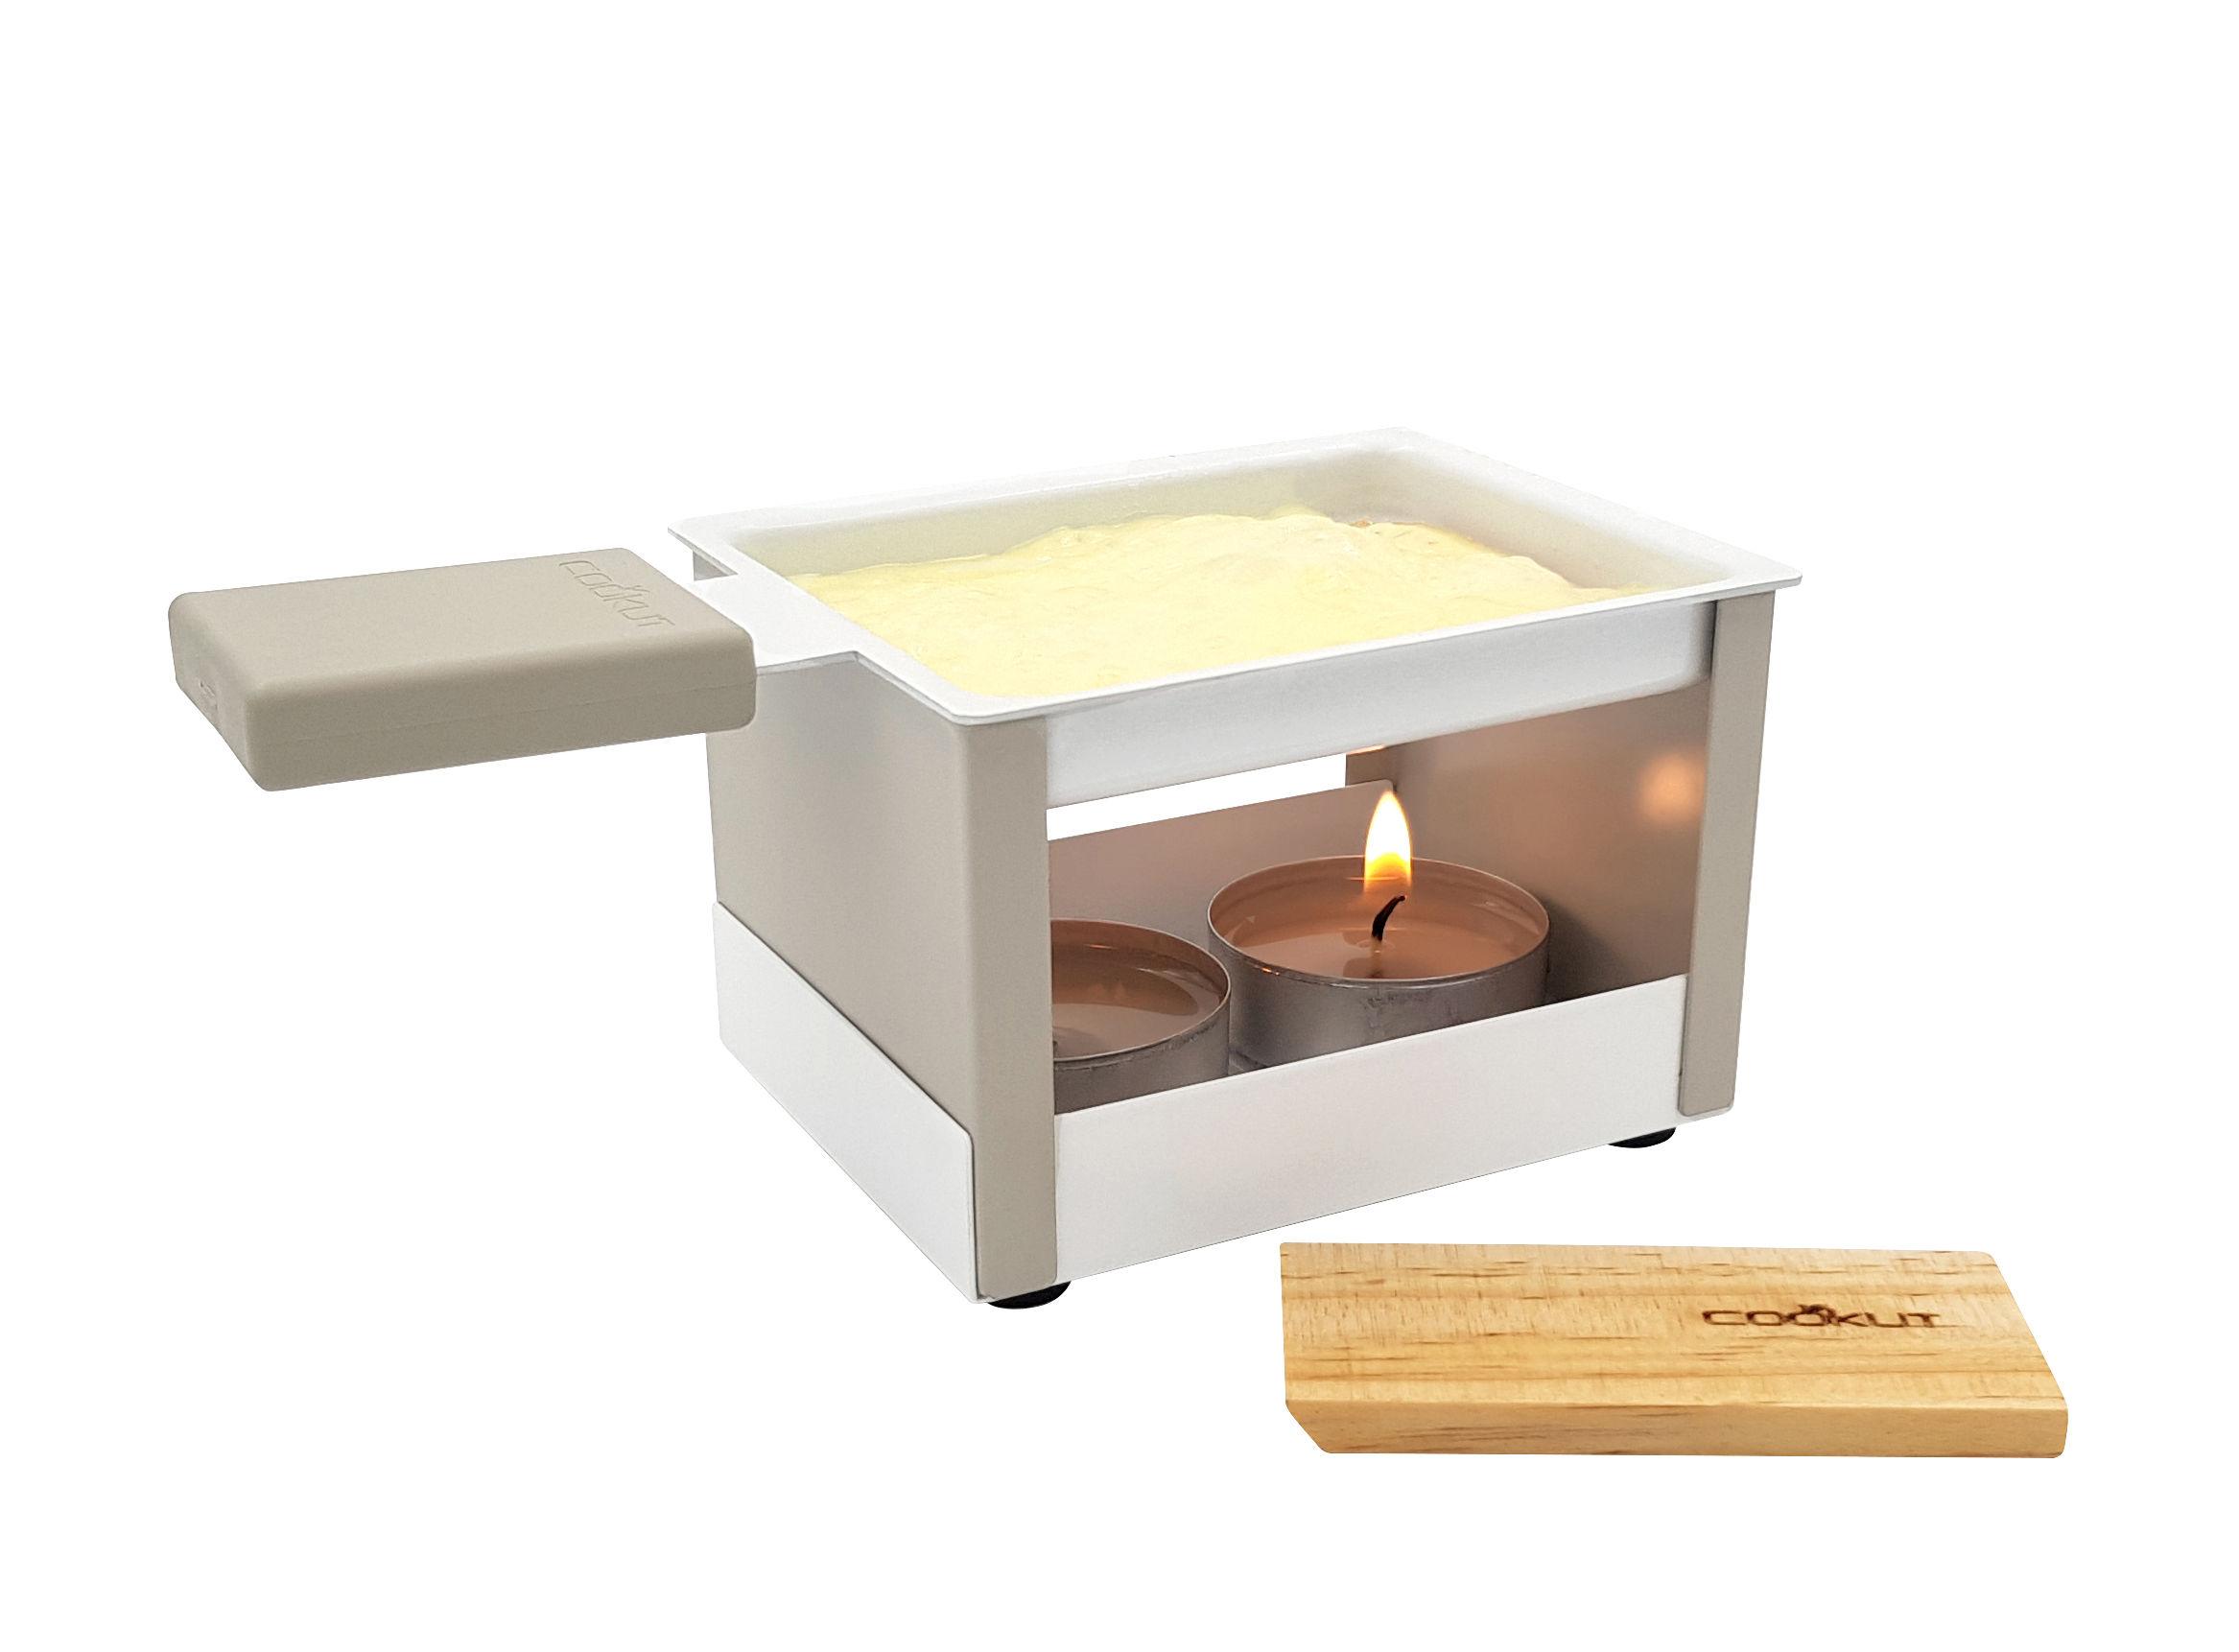 Cuisine - Ustensiles de cuisines - Set Yeti / Pour raclette à la bougie - 1 personne - Cookut - Gris - Acier revêtu anti-adhérent, Bois, Nylon